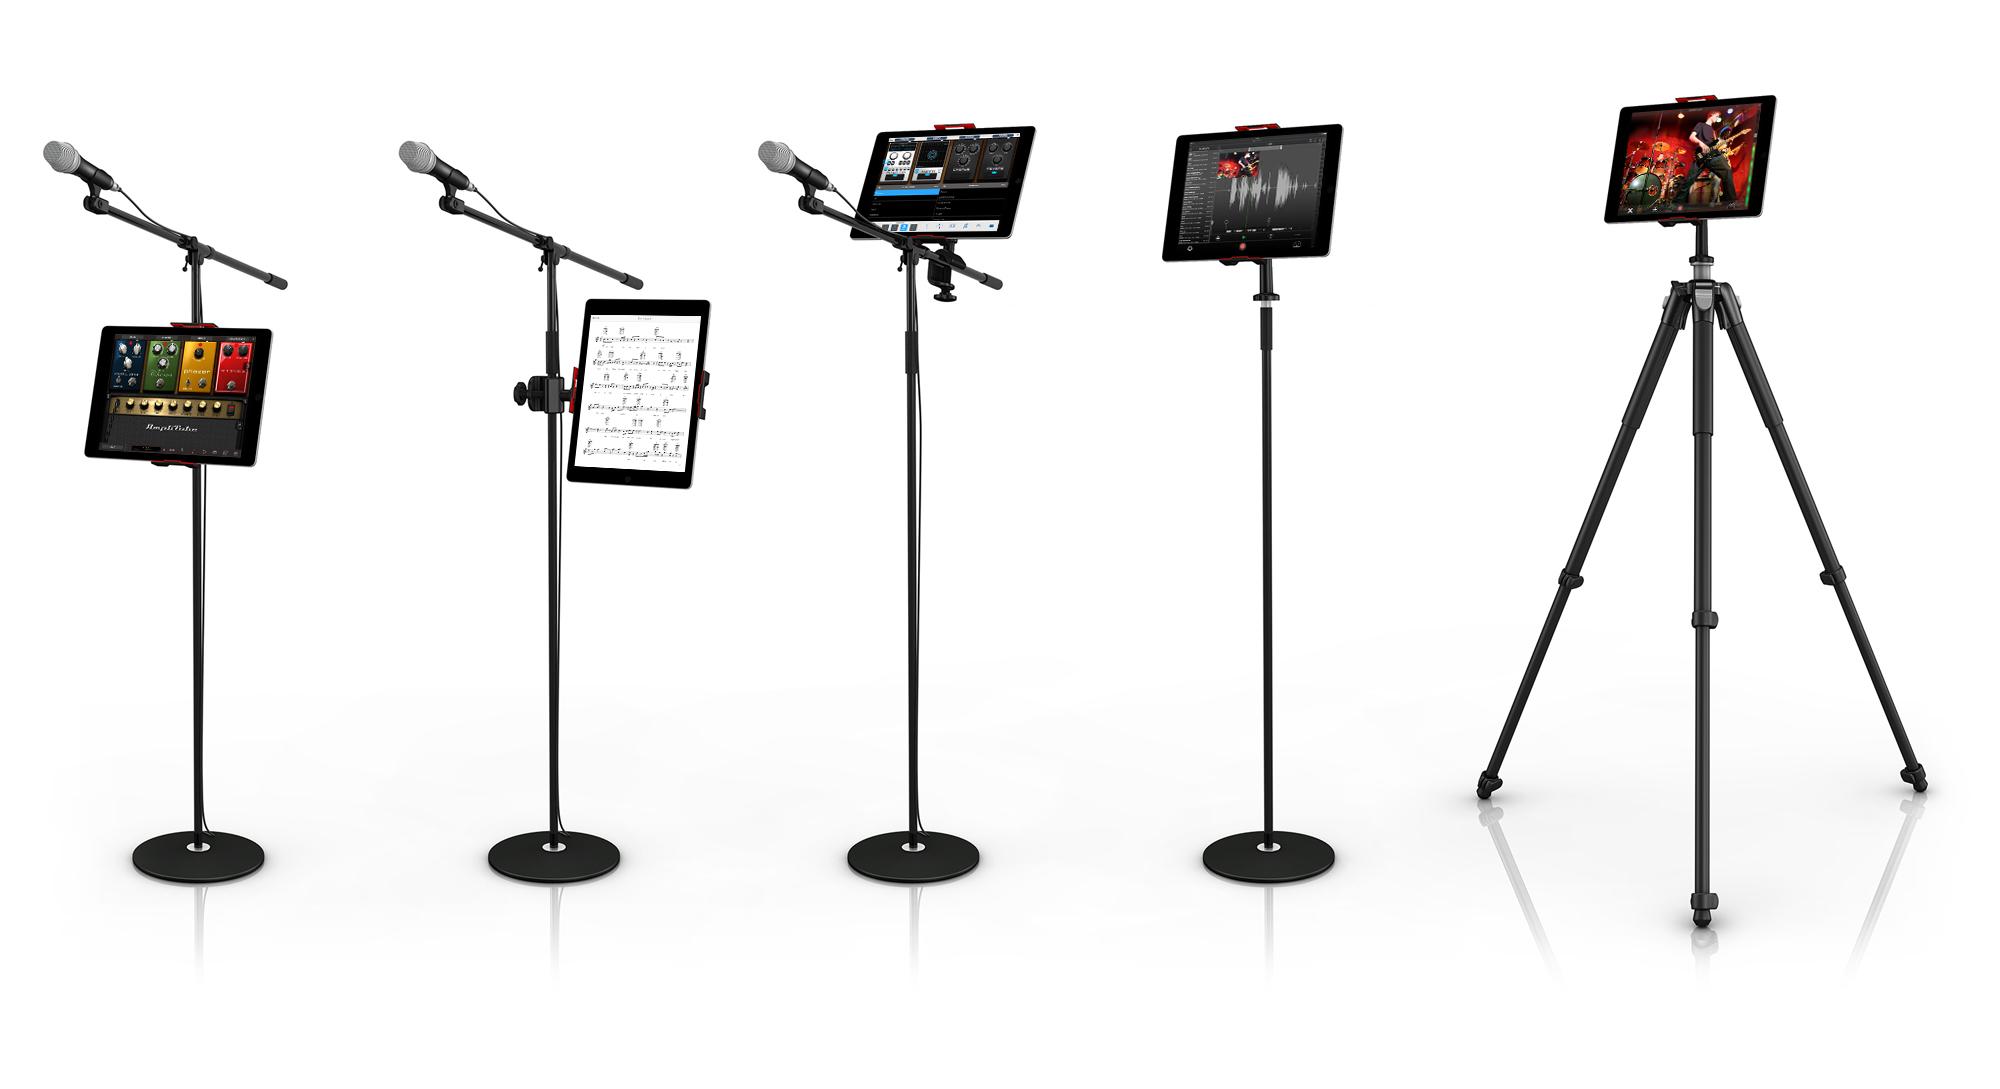 News: IK Multimedia präsentiert Tablet-Halterung iKlip 3